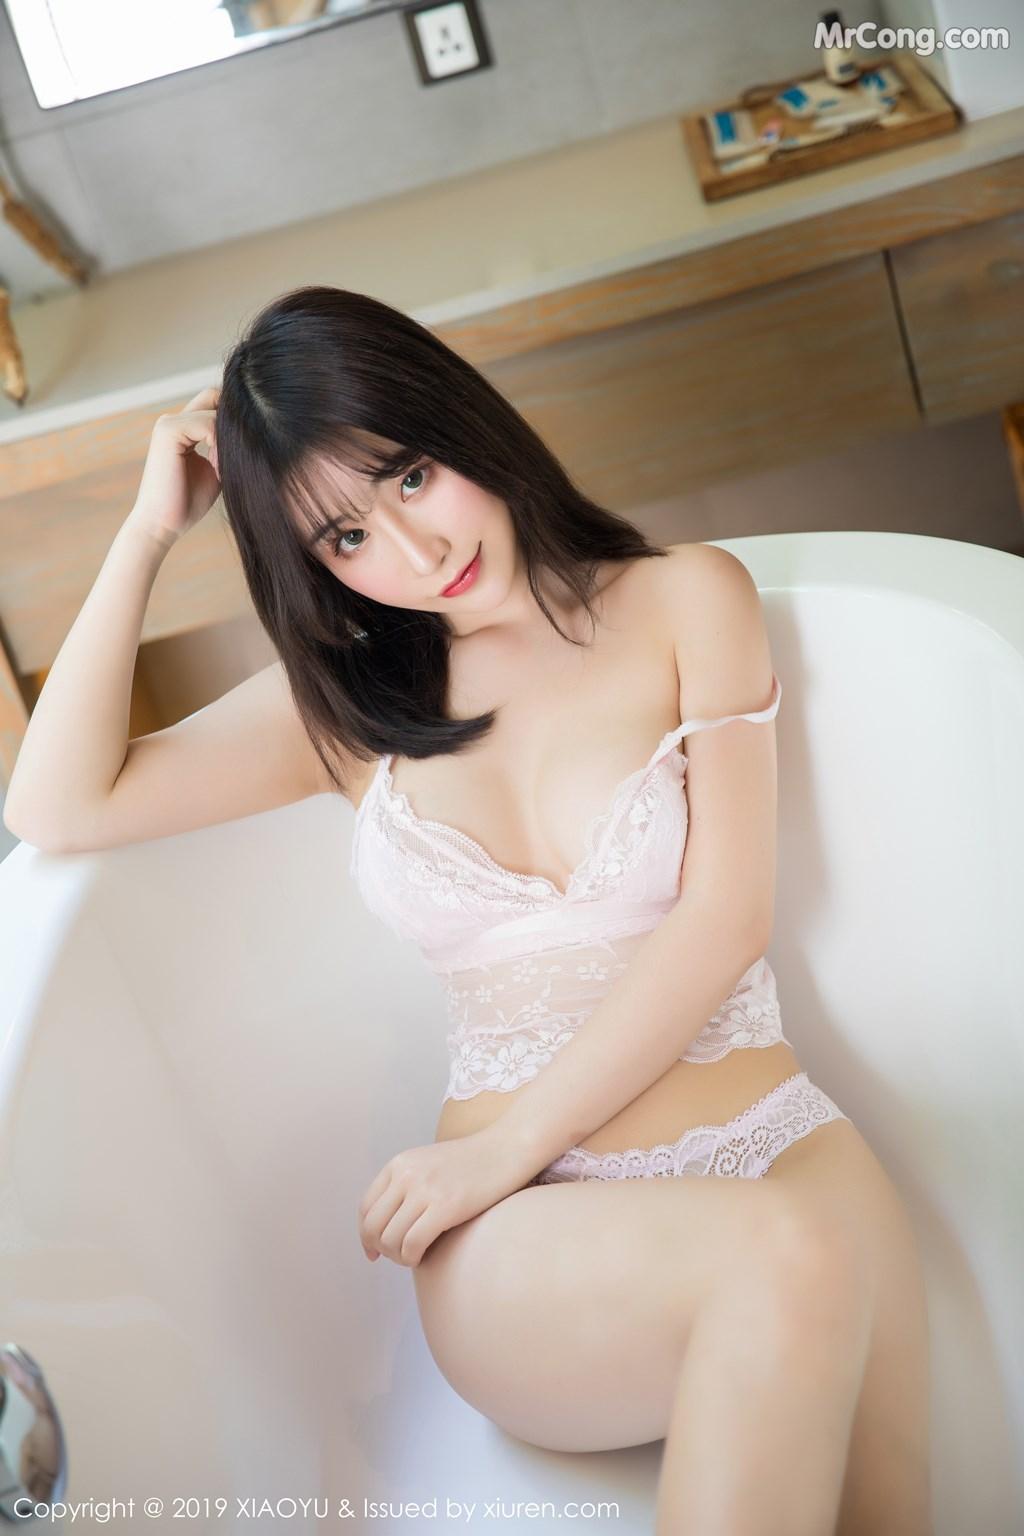 Image XiaoYu-Vol.147-Cherry-MrCong.com-041 in post XiaoYu Vol.147: 绯月樱-Cherry (66 ảnh)